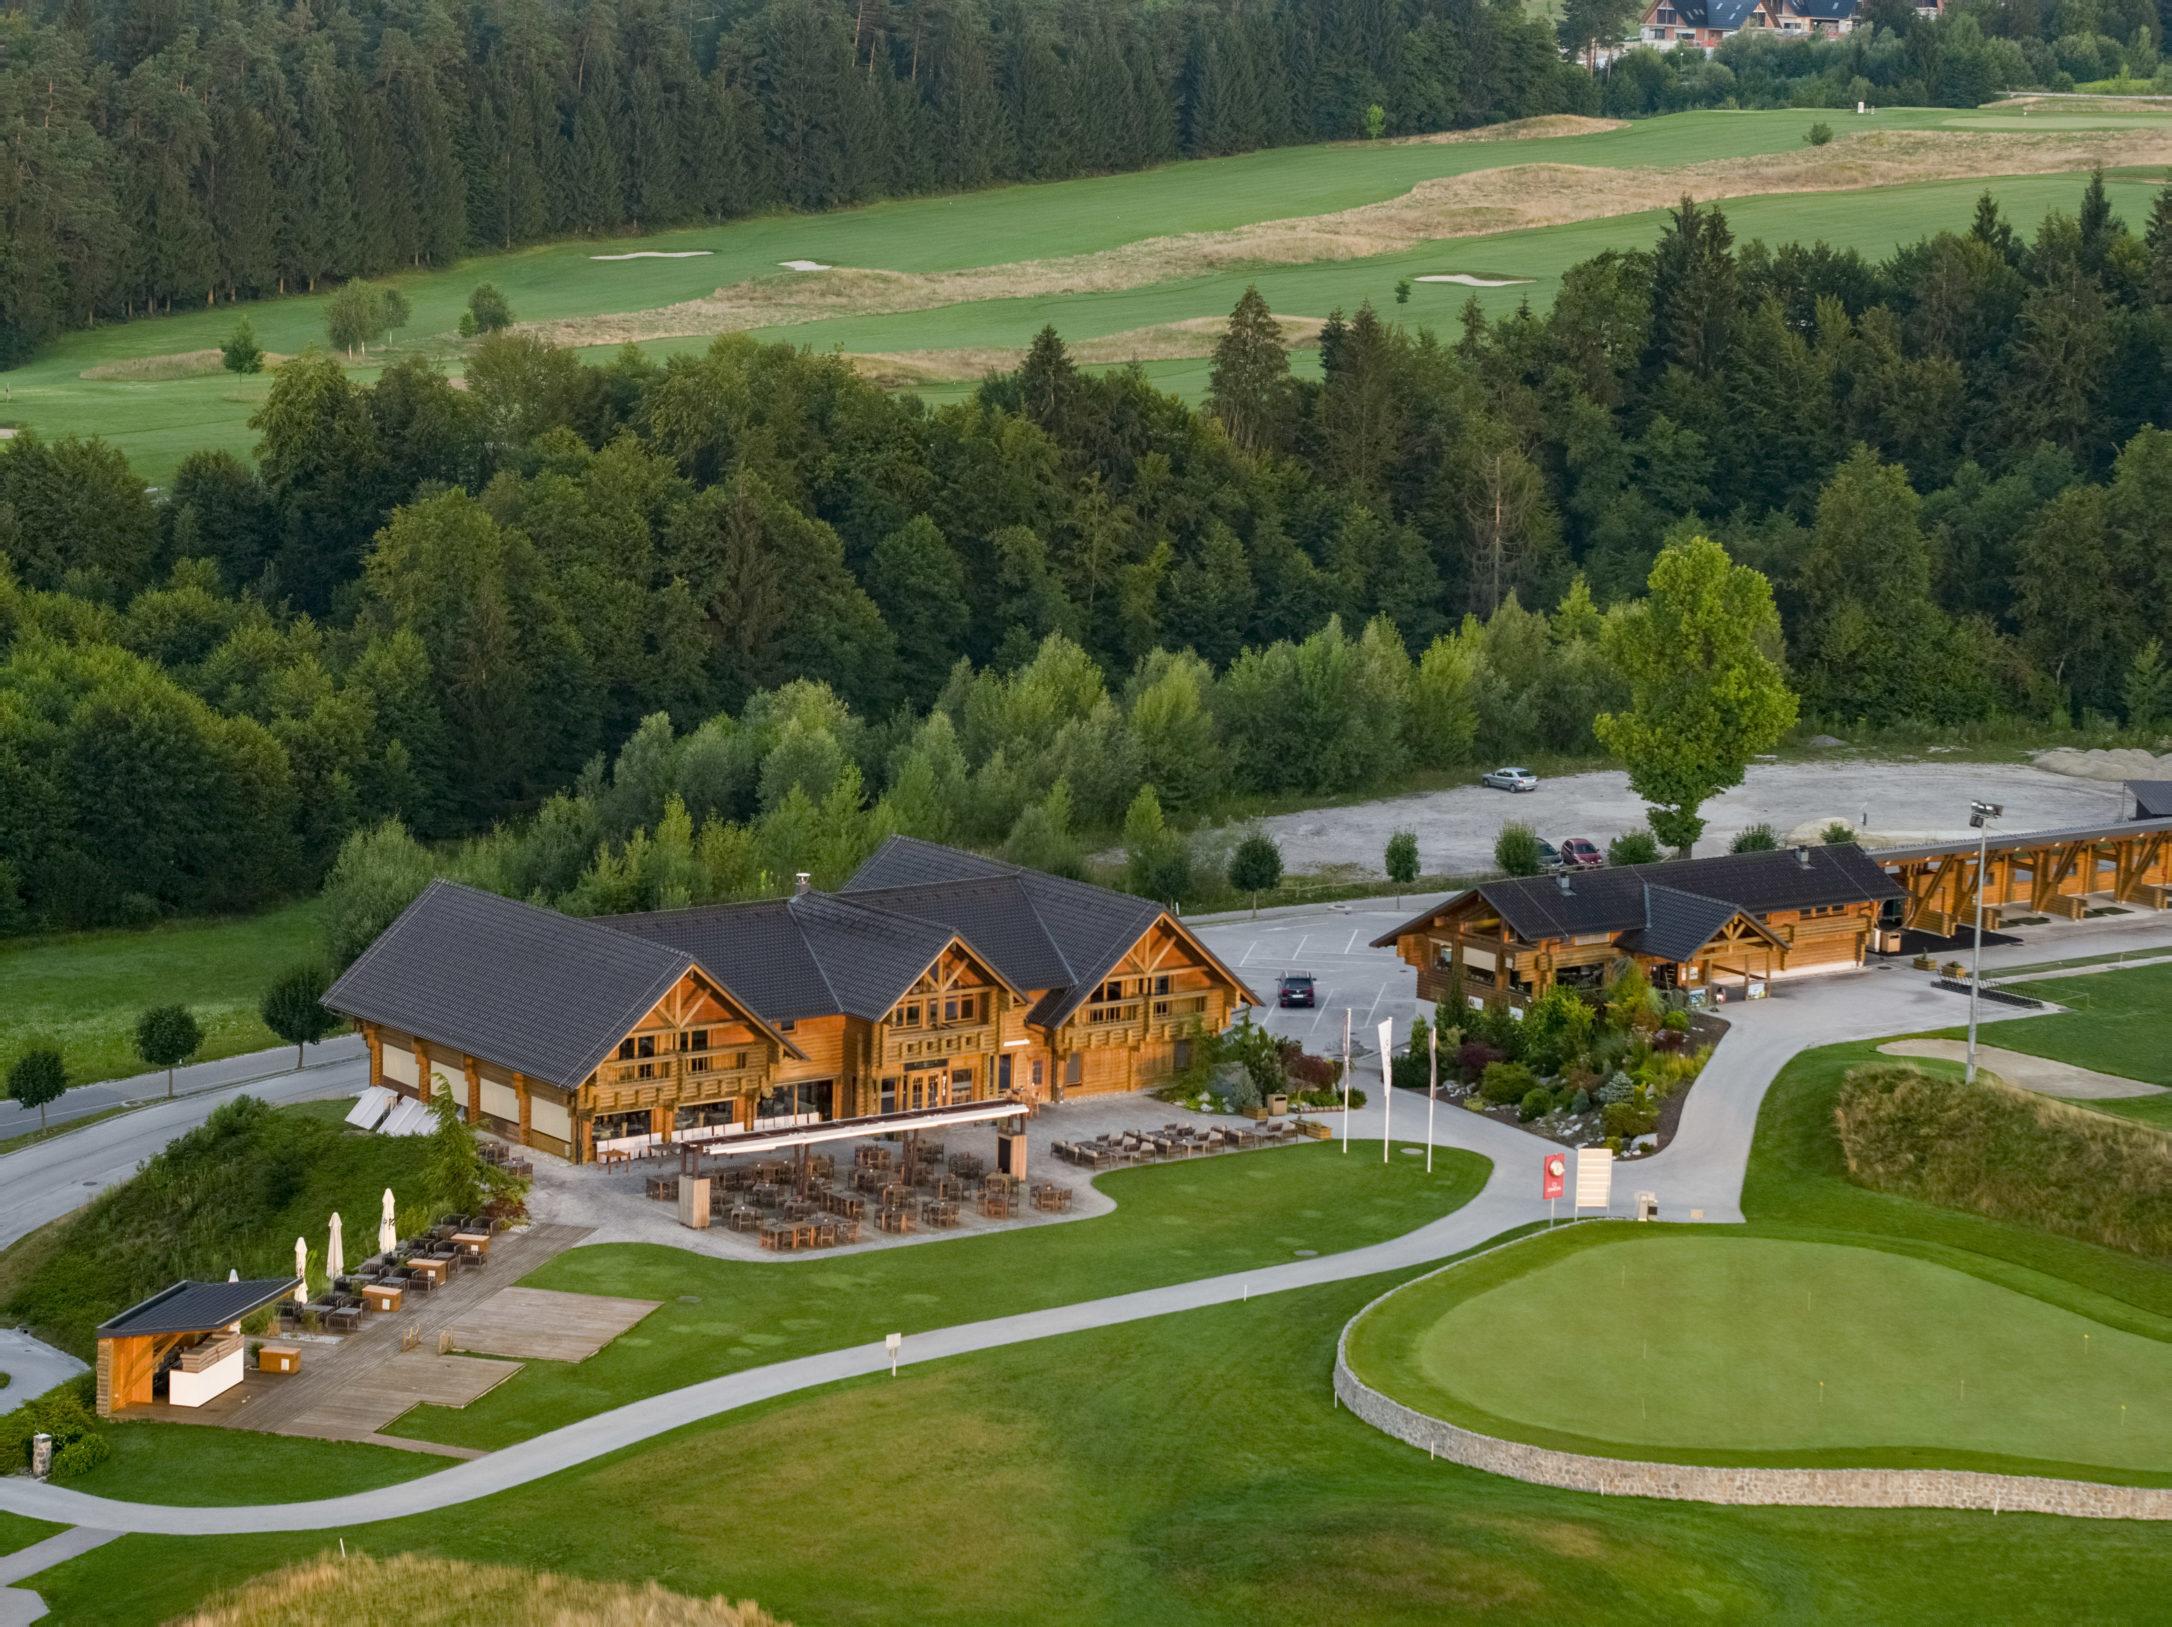 проект гольф-клуба